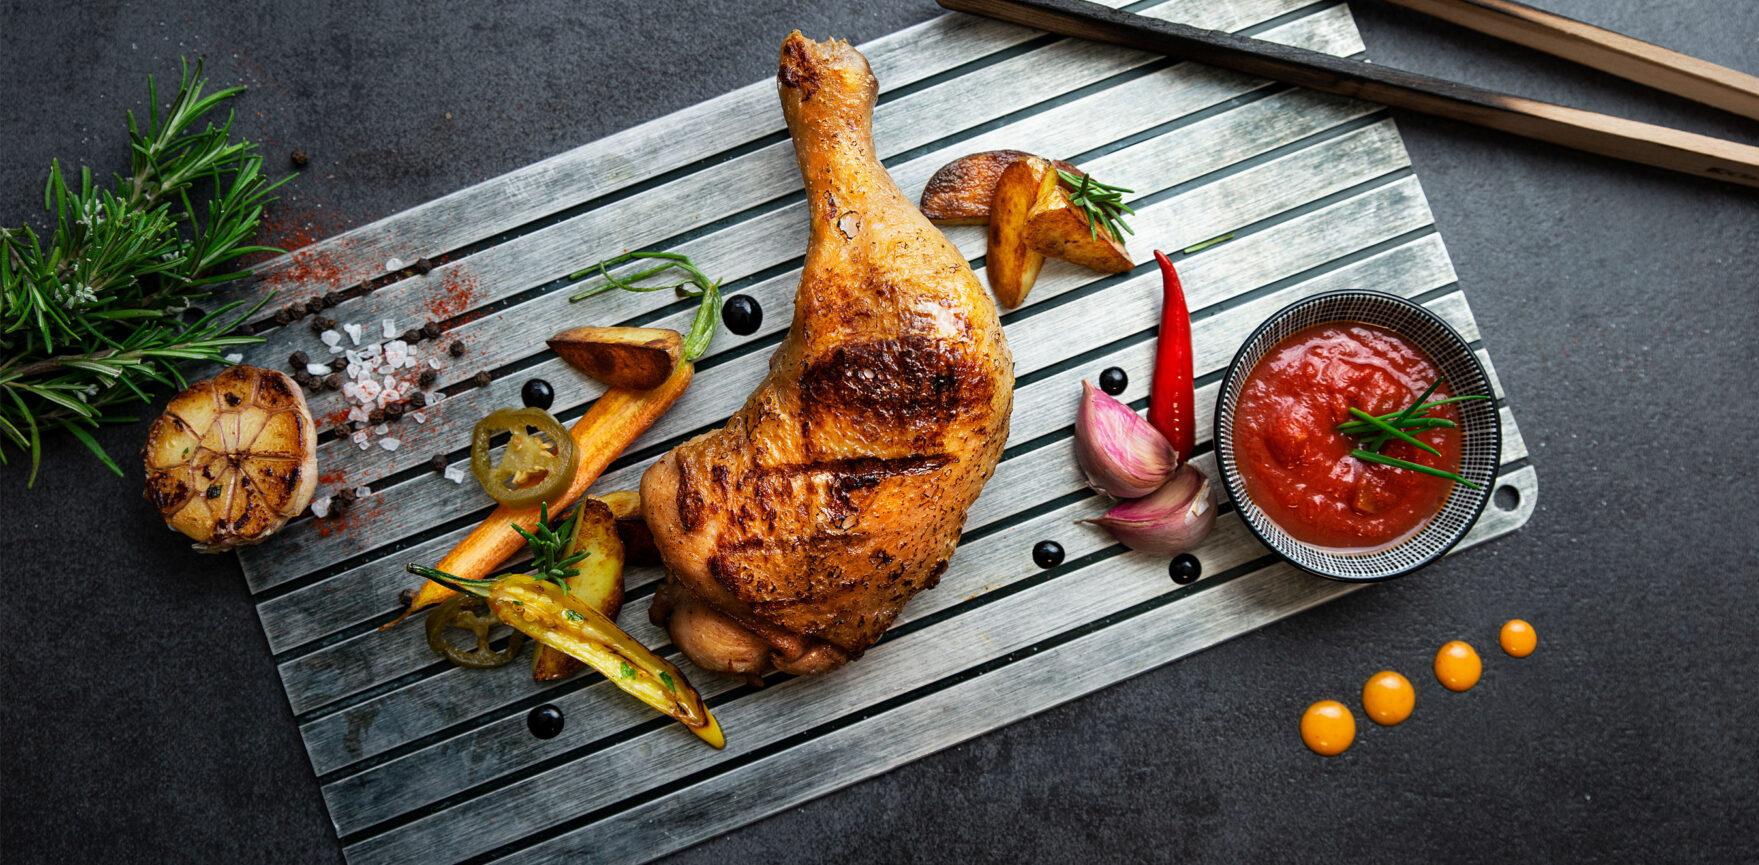 Geflügel Gross Foodfotografie Hühnchenschenkel angerichtet auf einer Aluplatte mit Chilisoße, Karotten und Kartoffeln